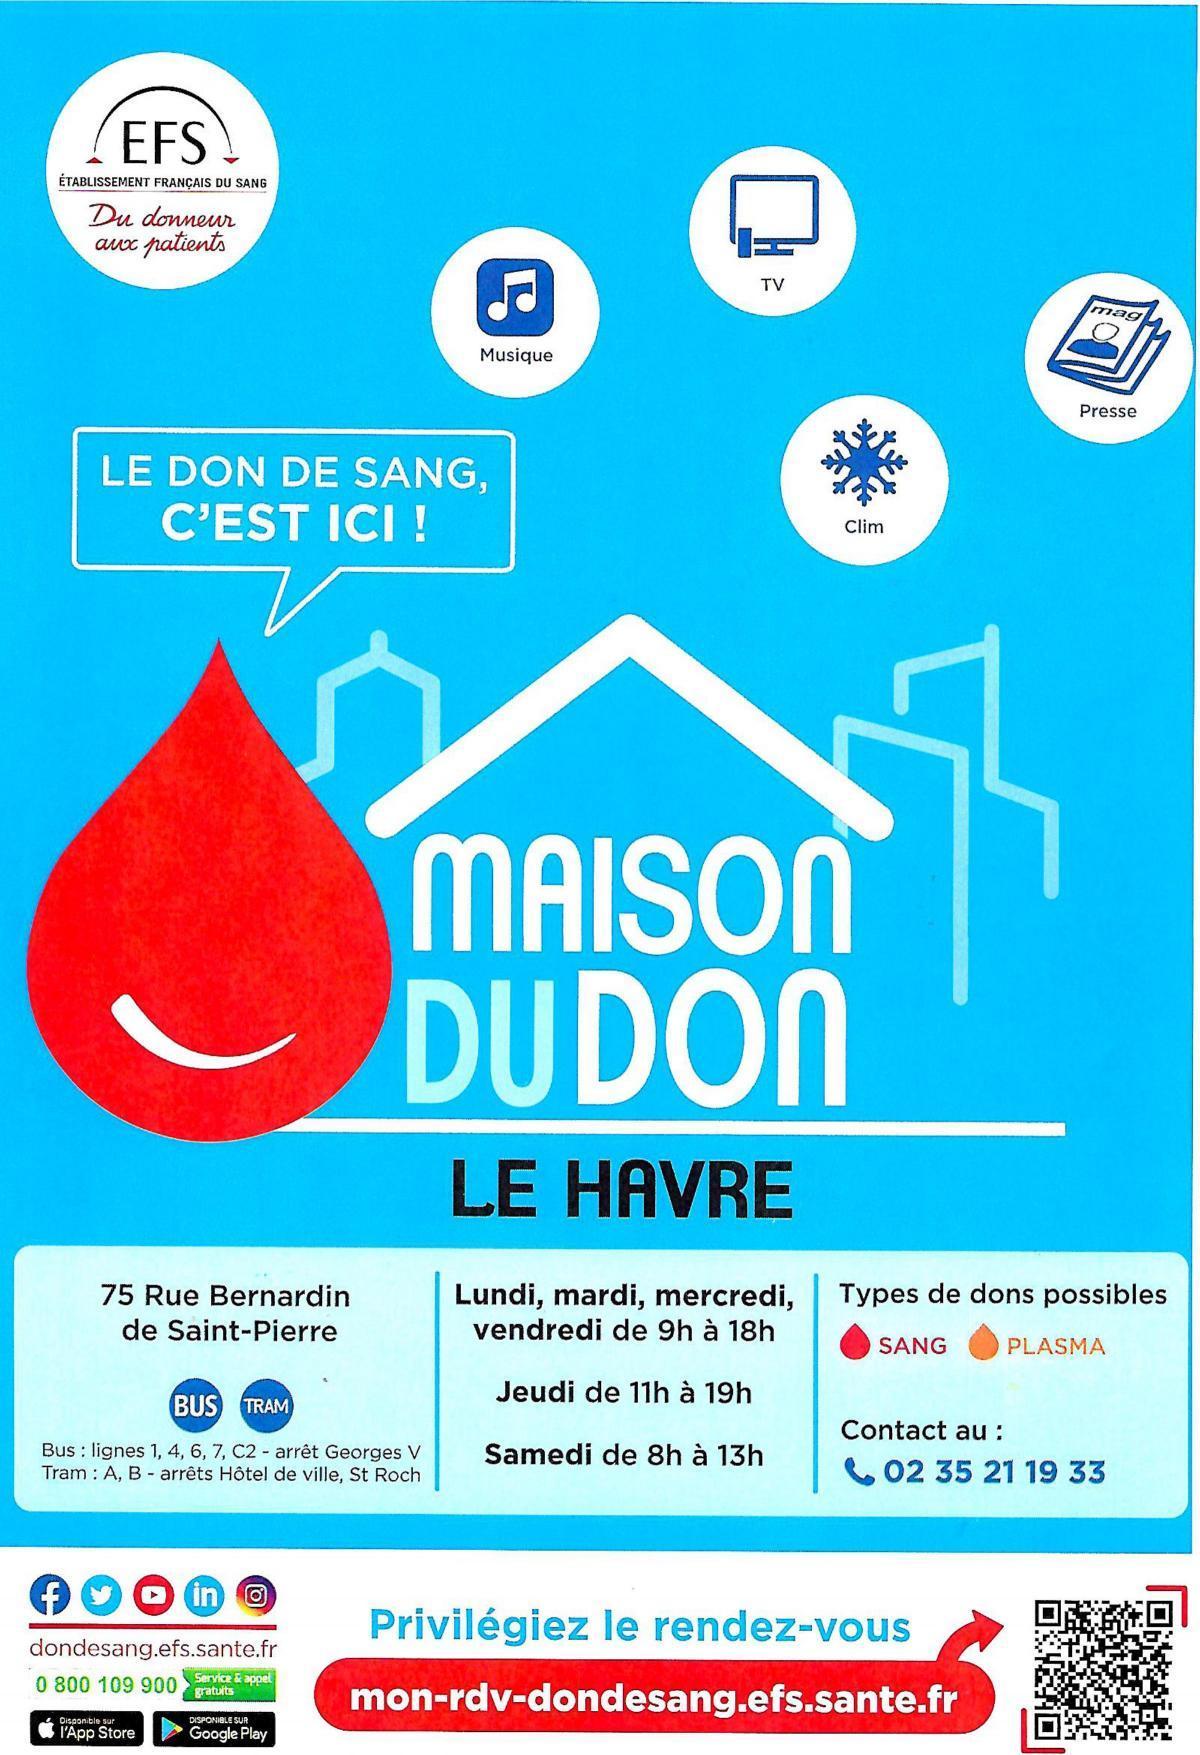 Maison du don de sang Le Havre